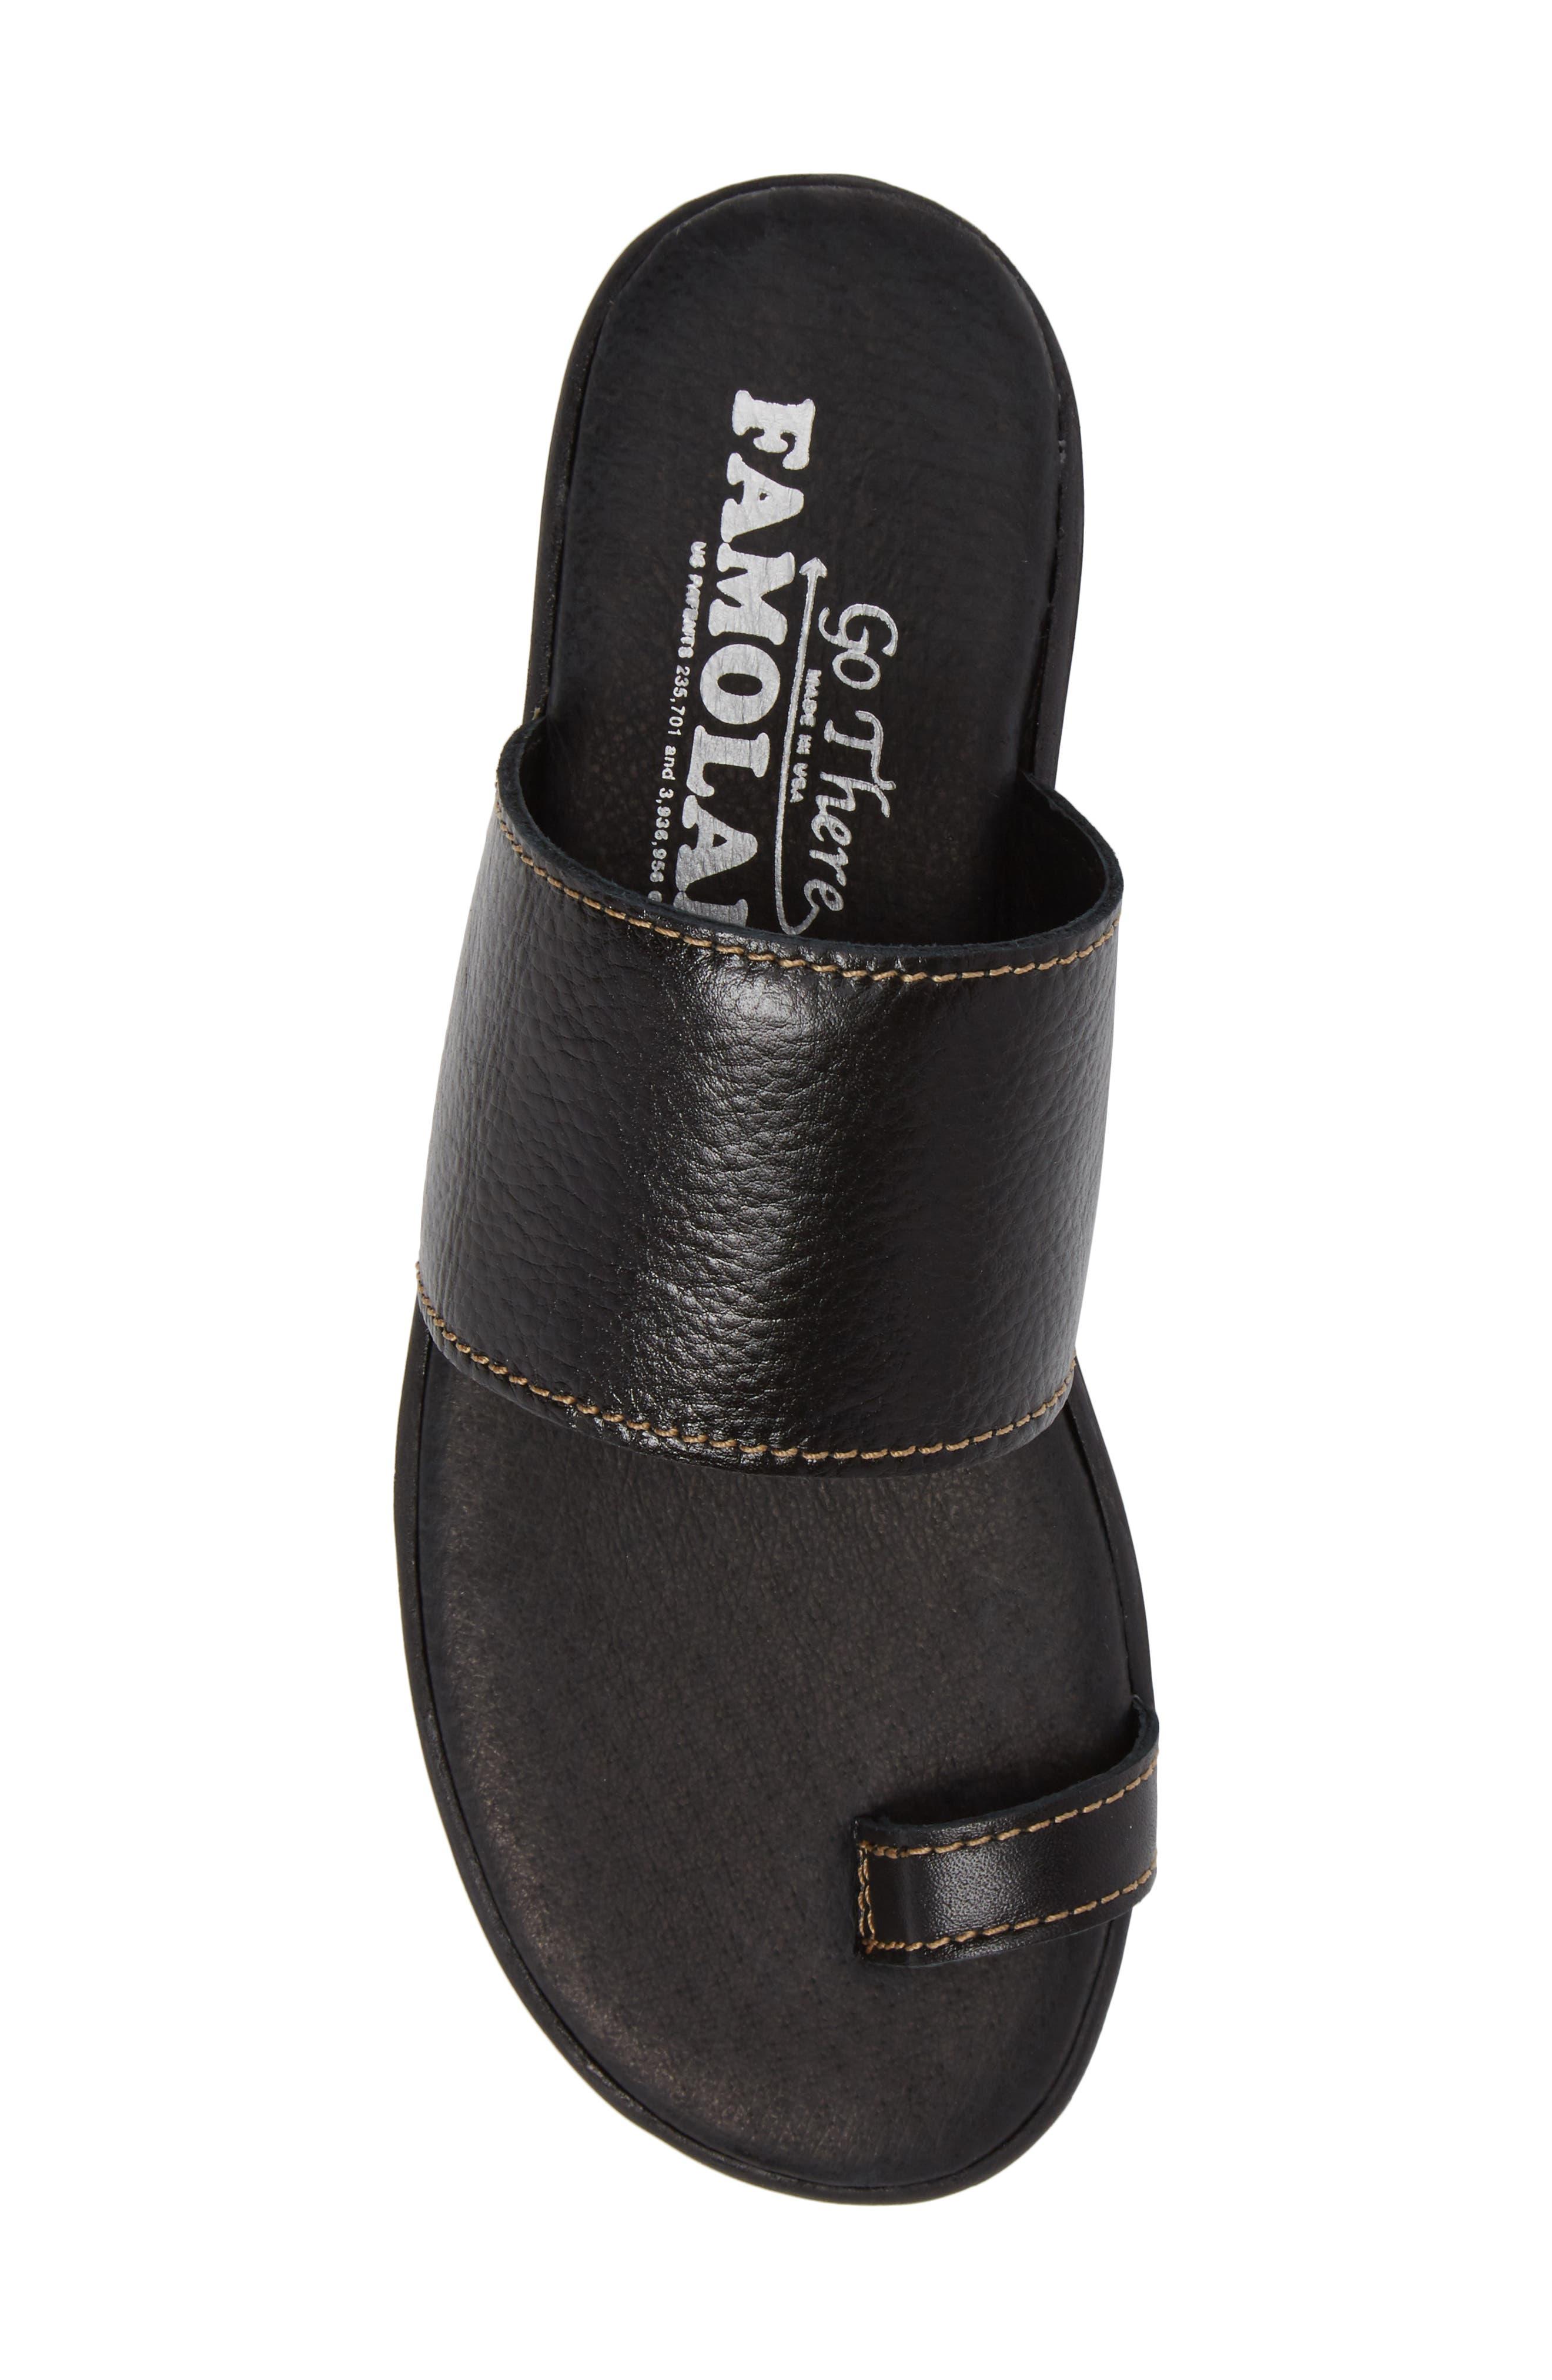 Band & Deliver Toe Loop Slide Sandal,                             Alternate thumbnail 5, color,                             Coal Leather